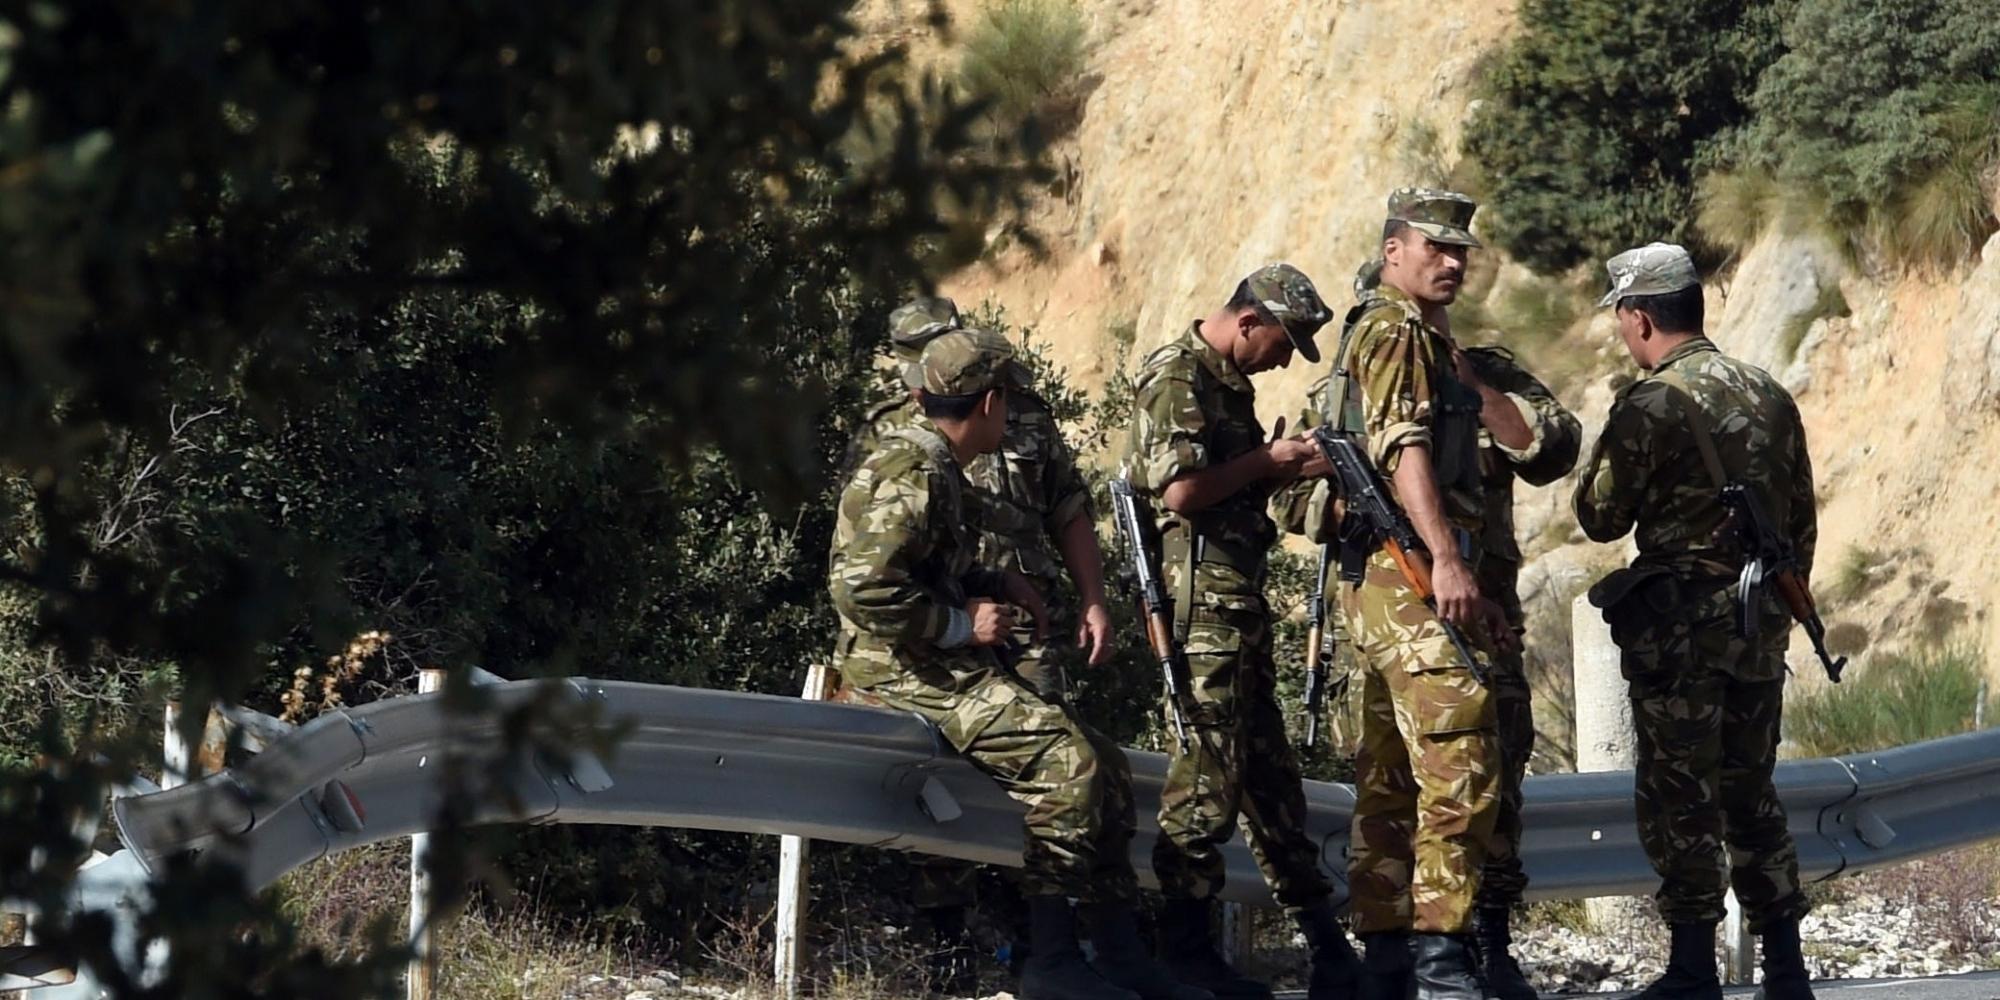 الجيش الجزائري يقتل أمير  داعش .. أحد أبرز القياديين الذين تمَّ القضاء عليهم خلال 3 سنوات